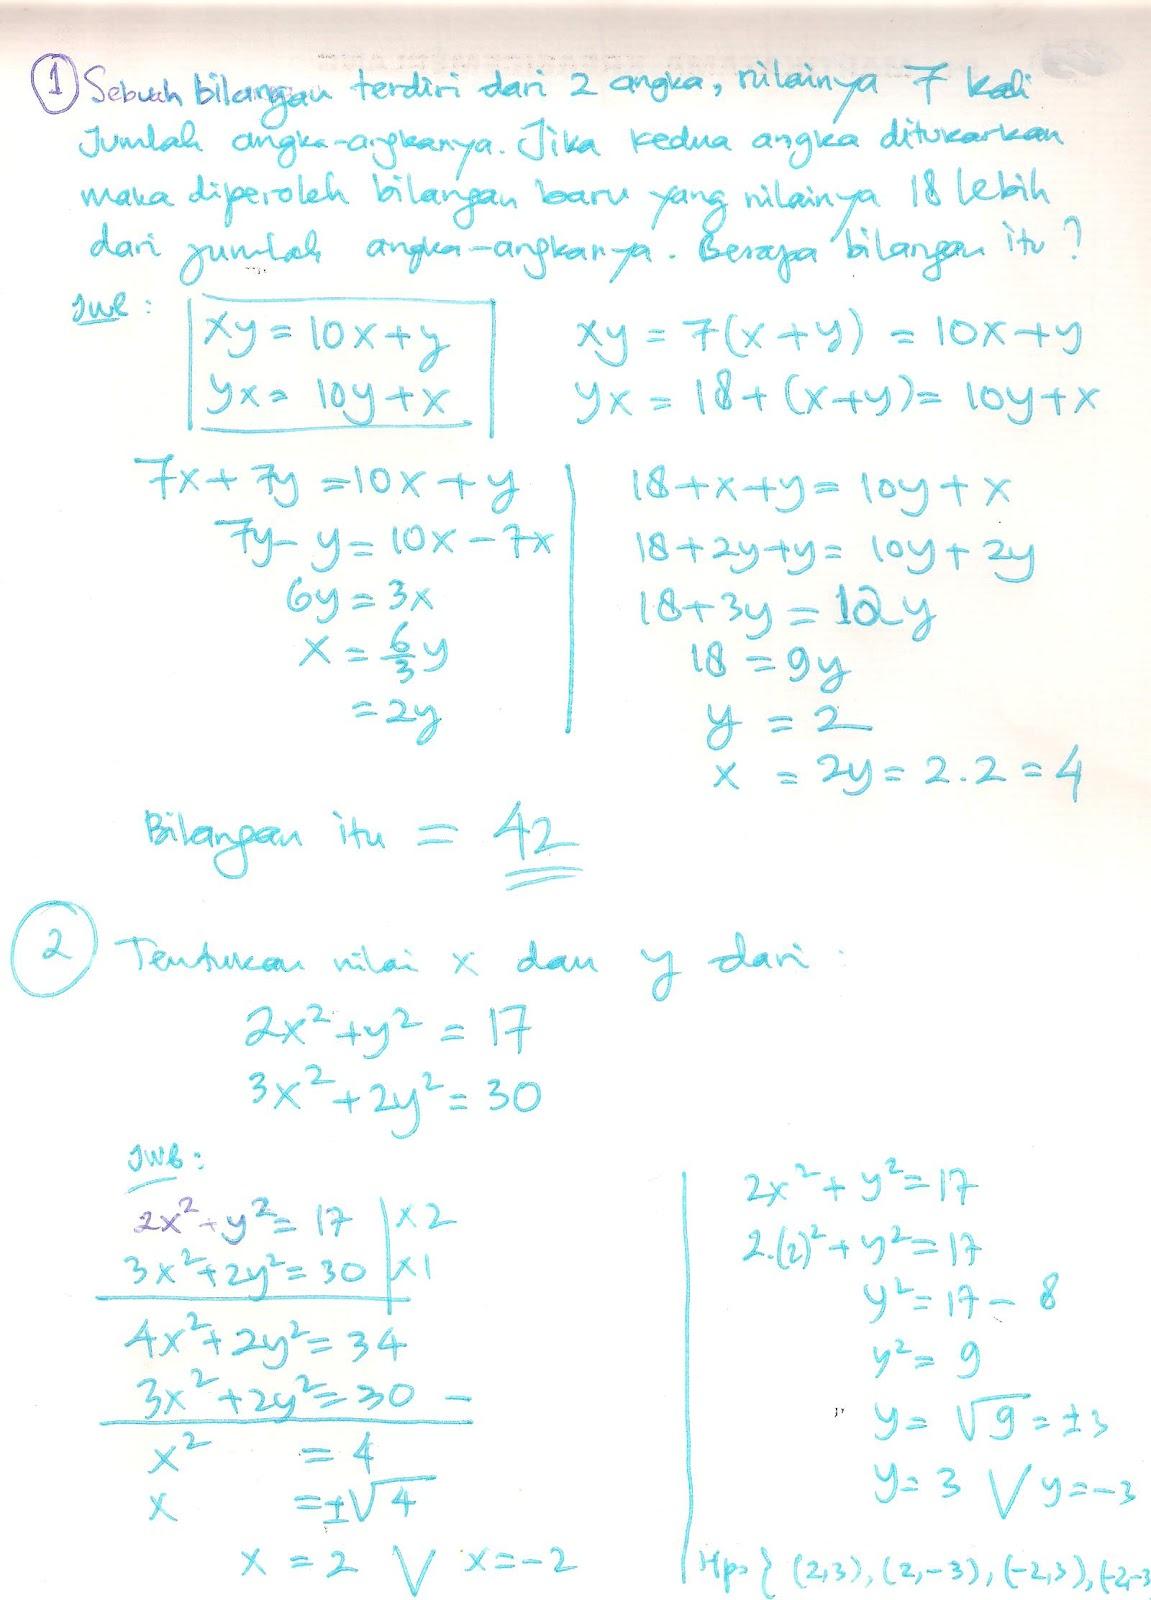 kelas+8+soal+jawab+aljabar+spldv+2010++soal+gto+002.jpg